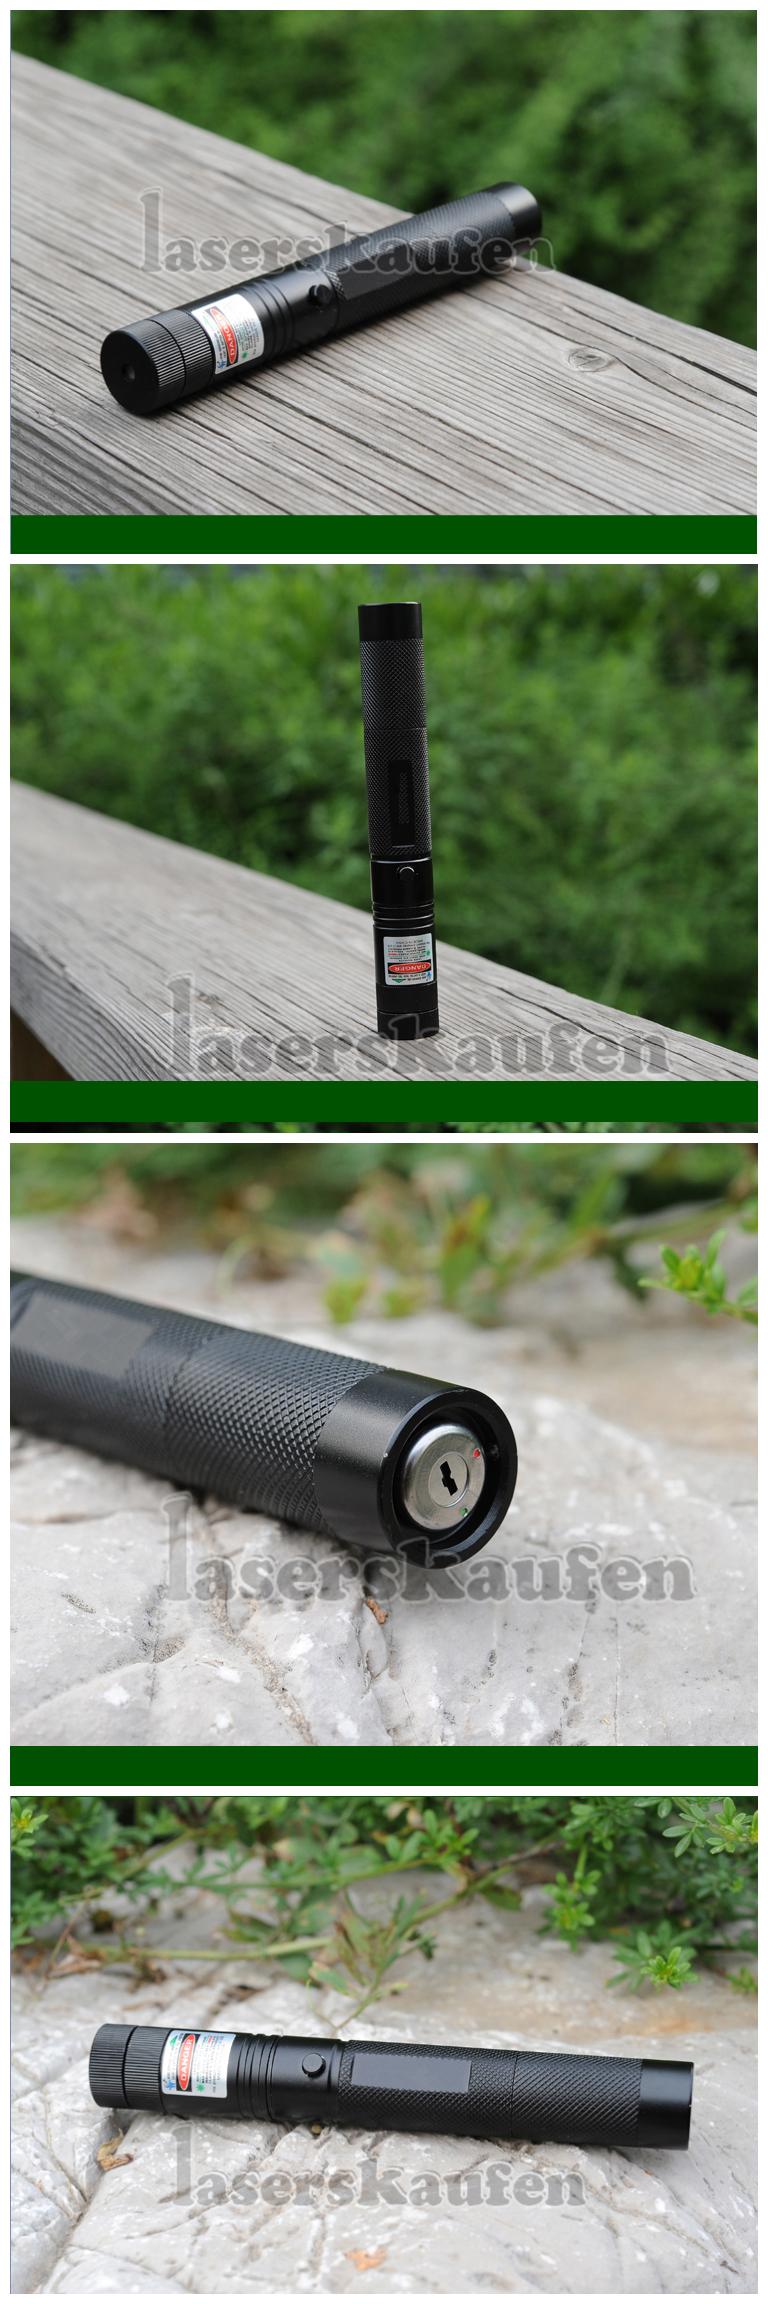 Laserpointer Grün 5000mW mit Schlüssel